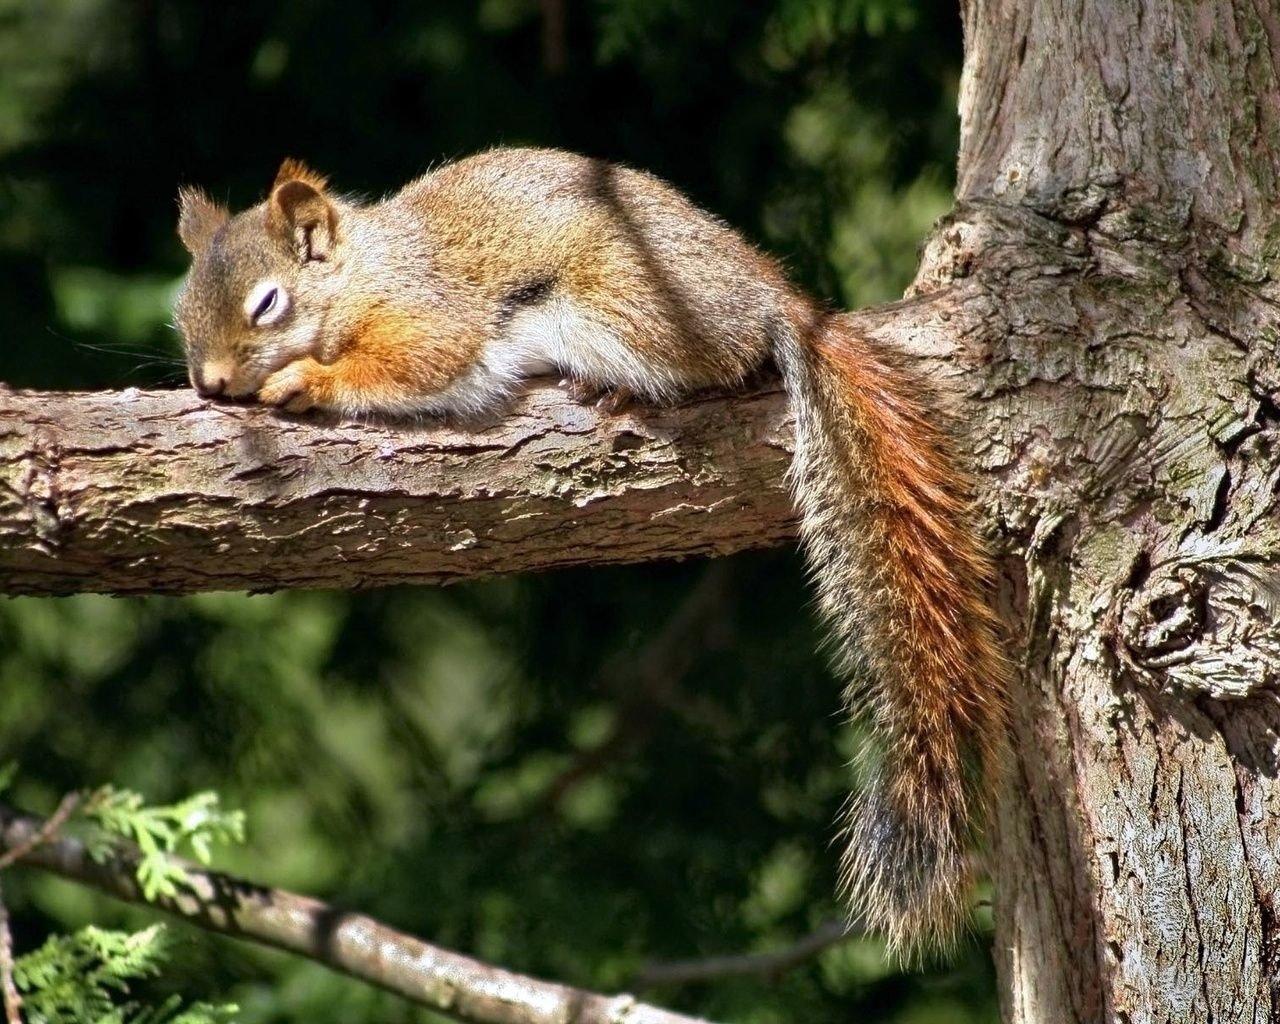 kartinki24_ru_animals_squirrels_0032.jpe